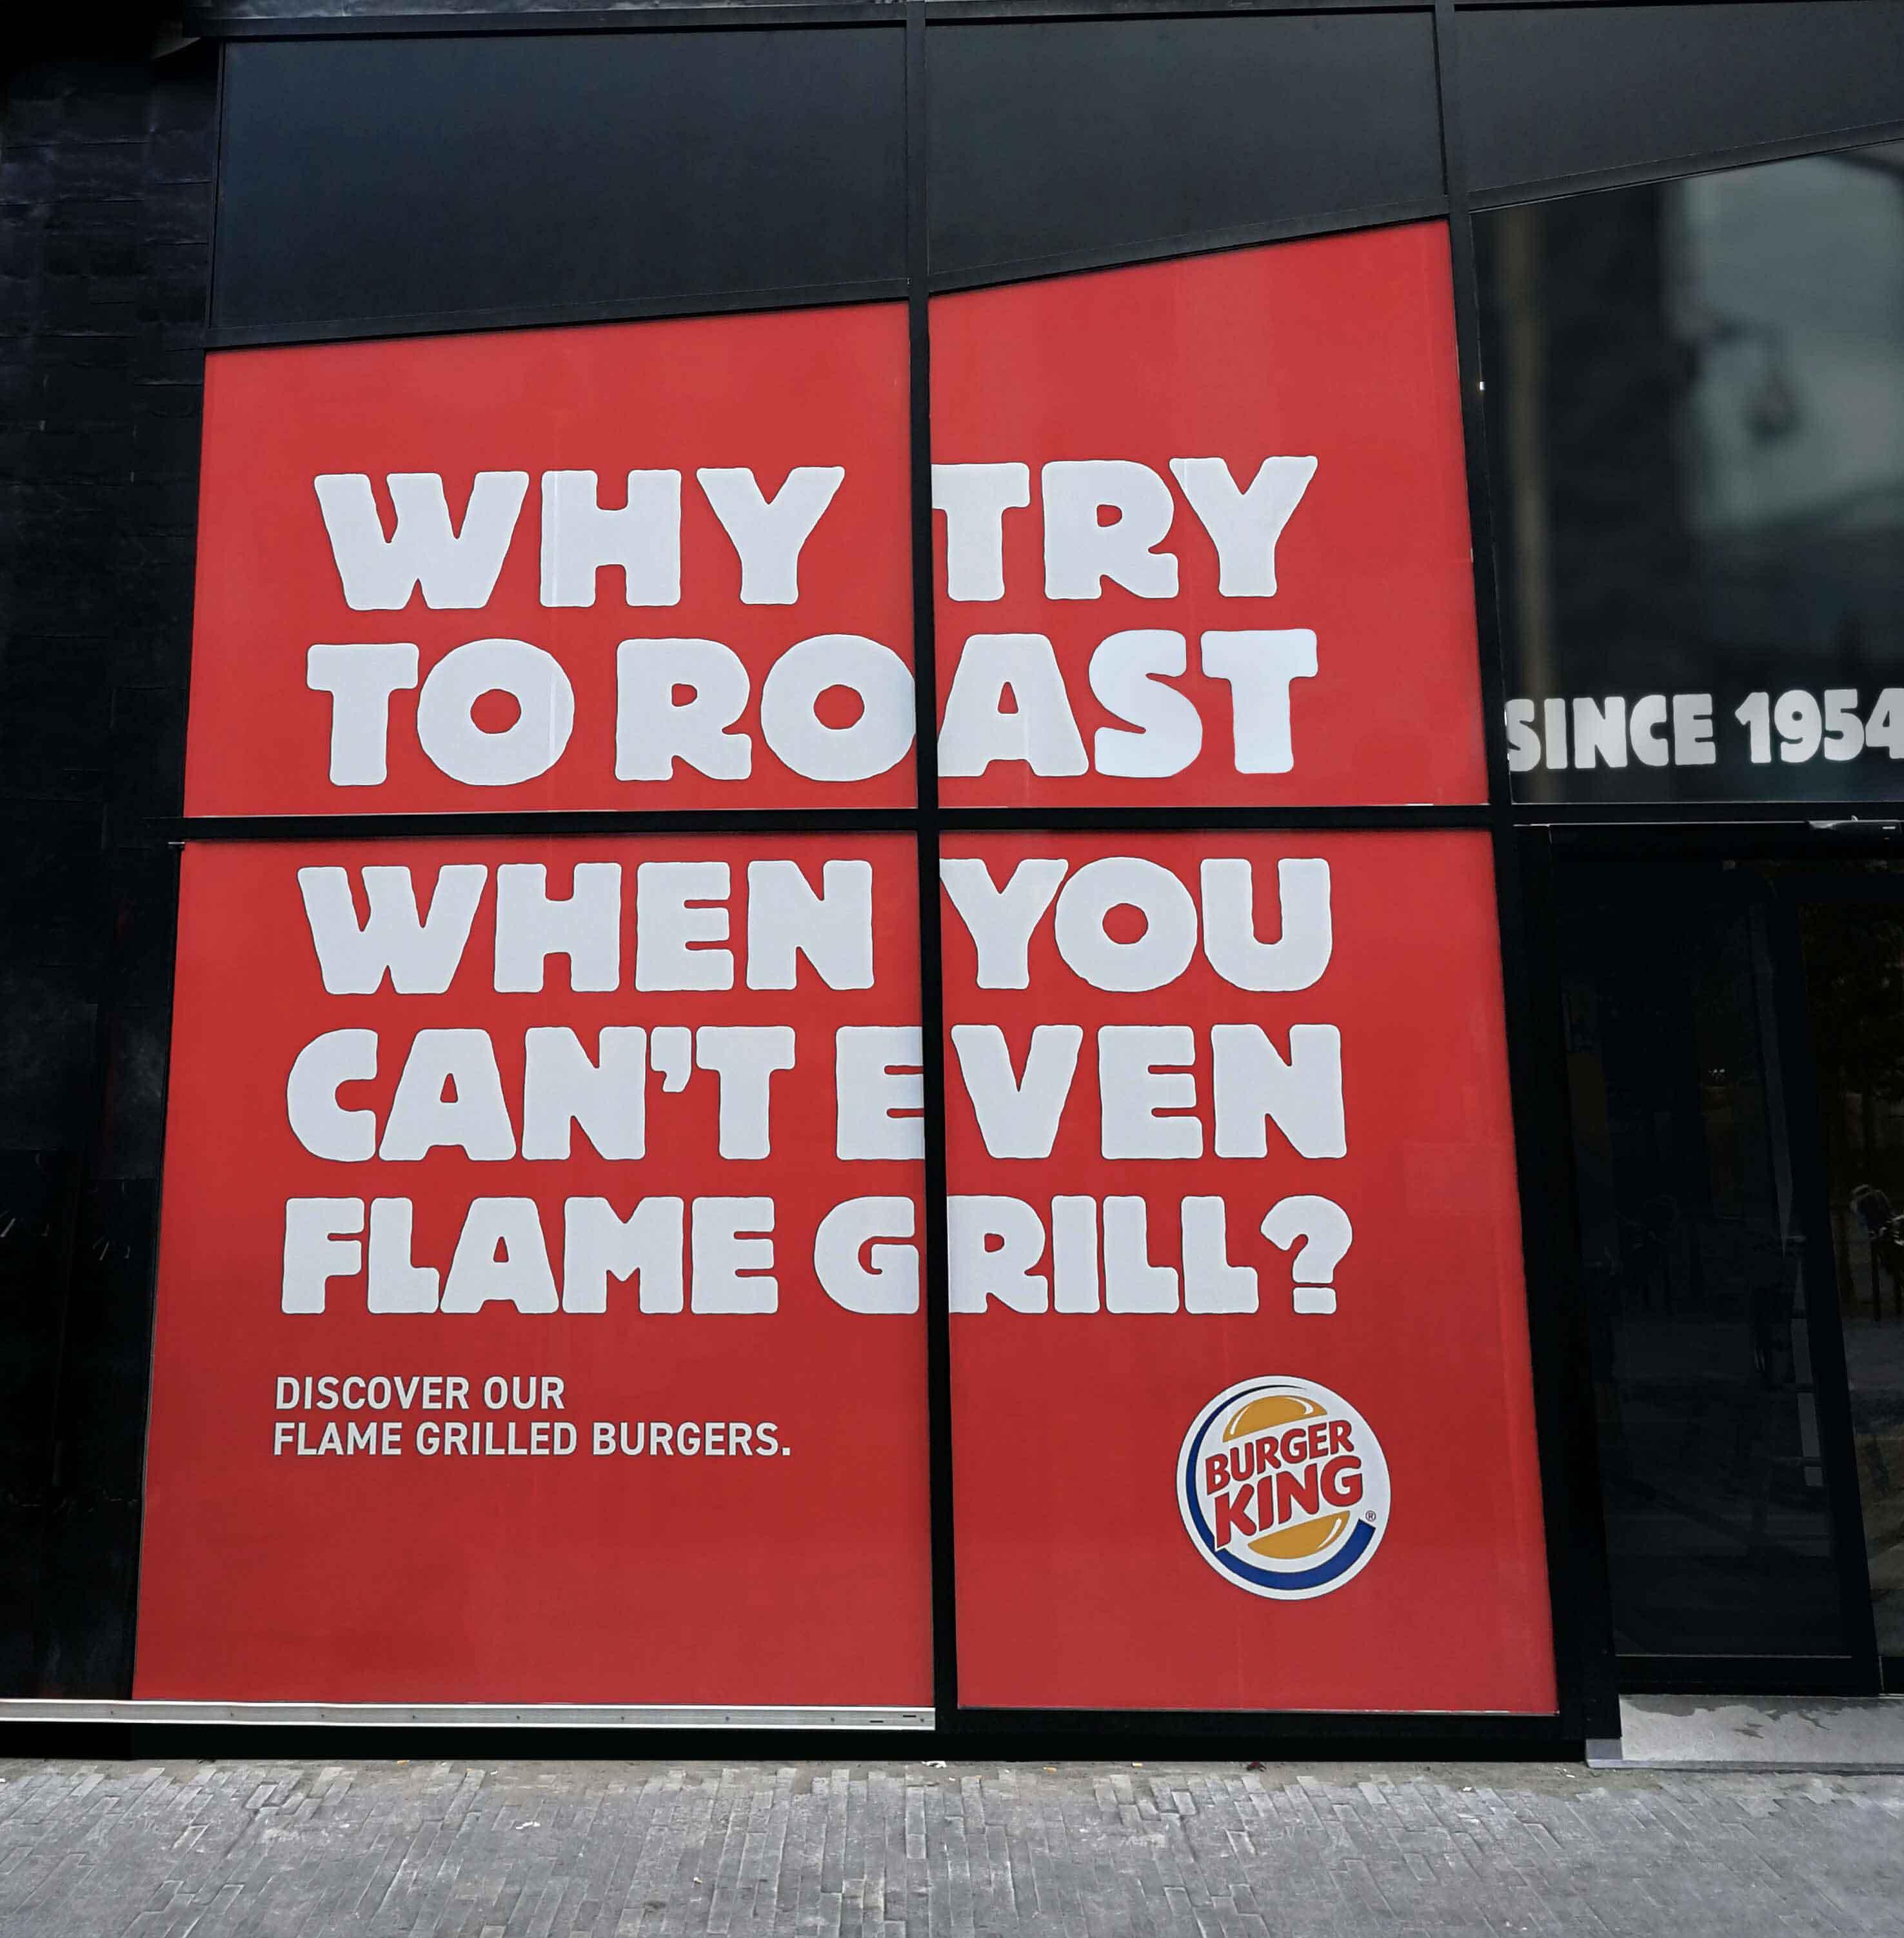 Burger King responds to McDonald's ad